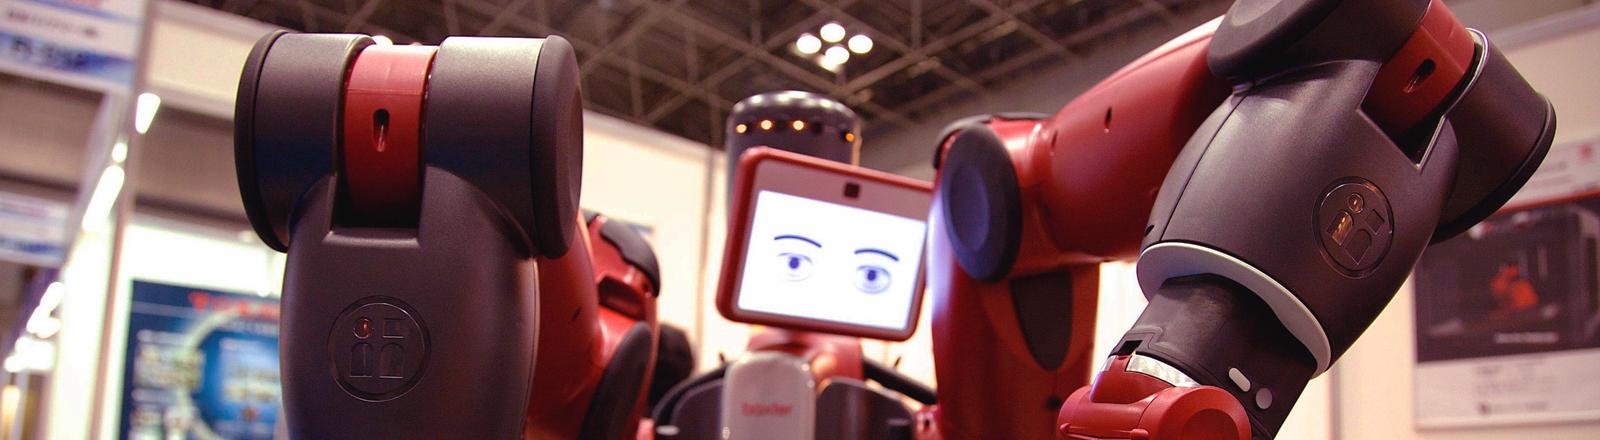 Roboter Baxter der Firma Rethink Robotics